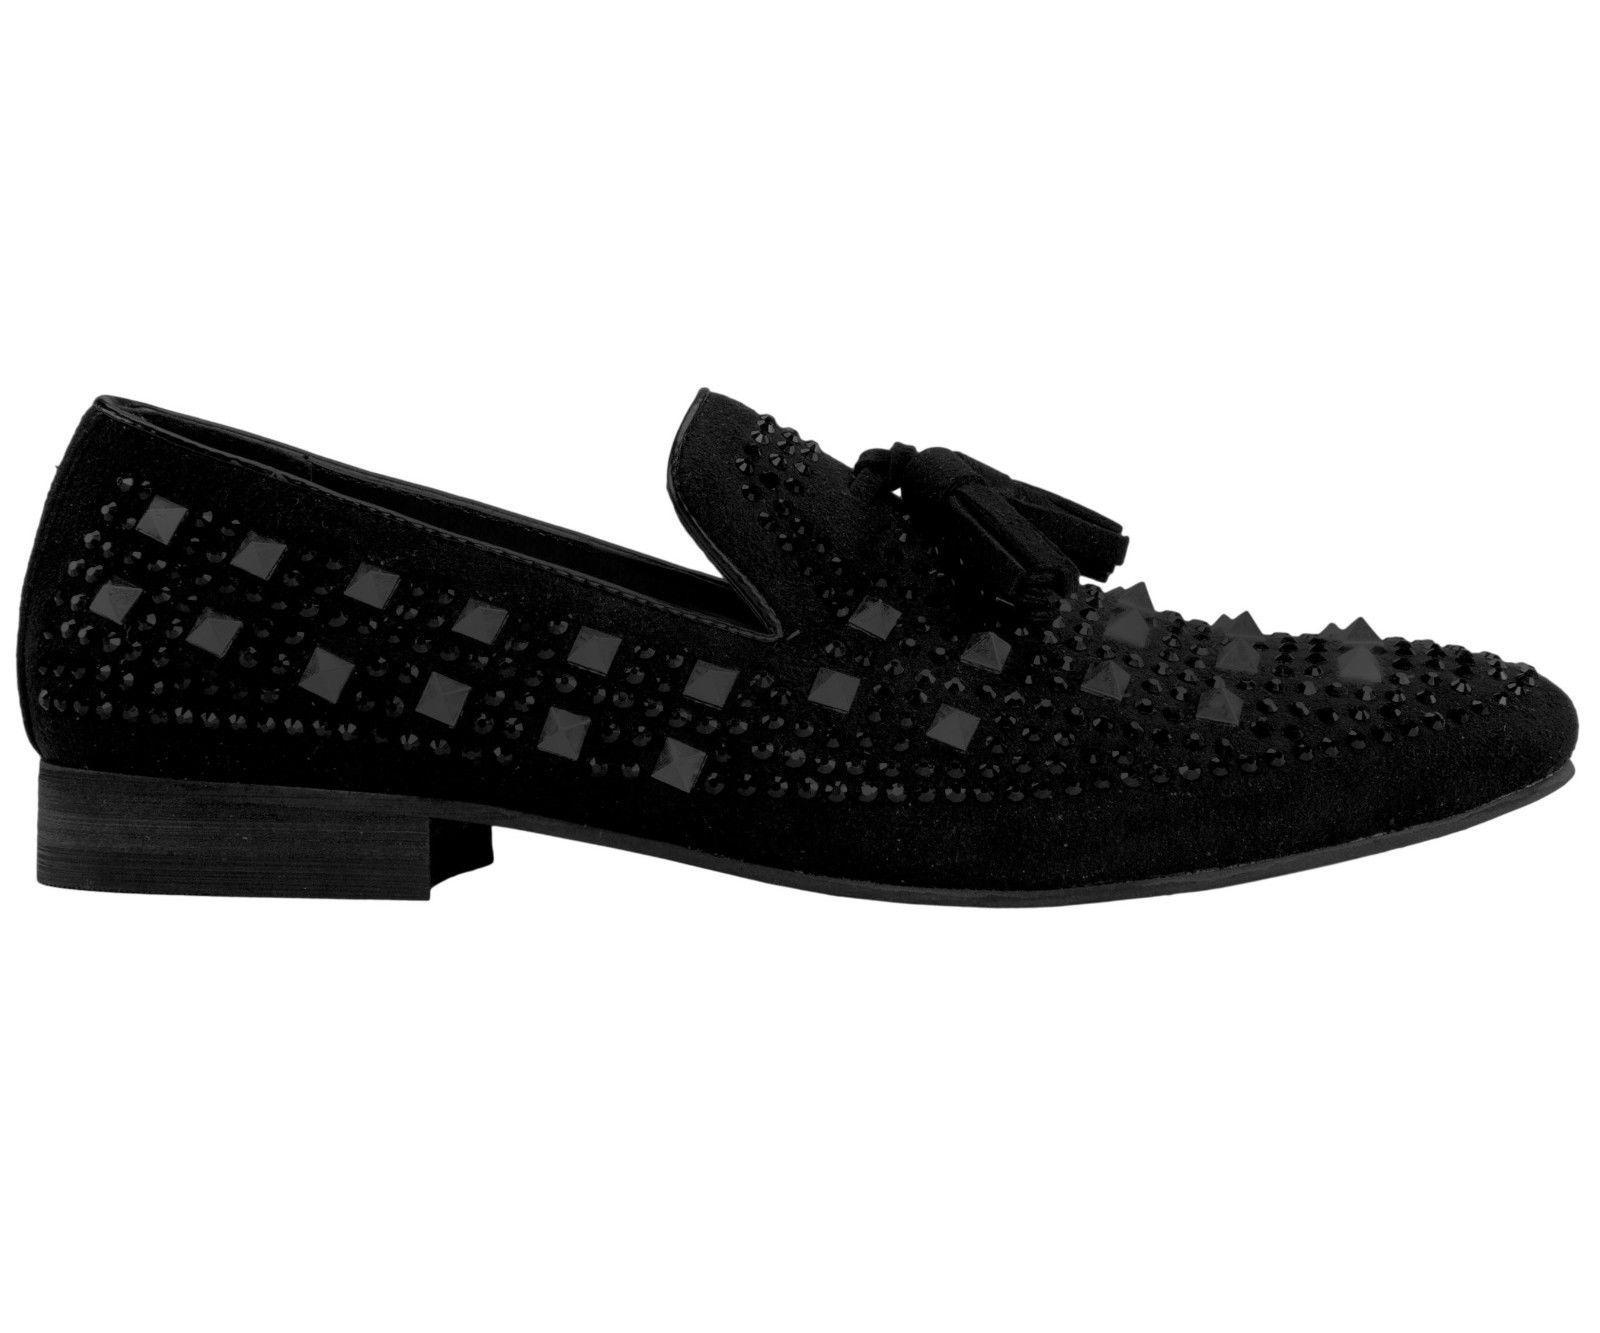 Amali and Dress Shoes : Style Tate